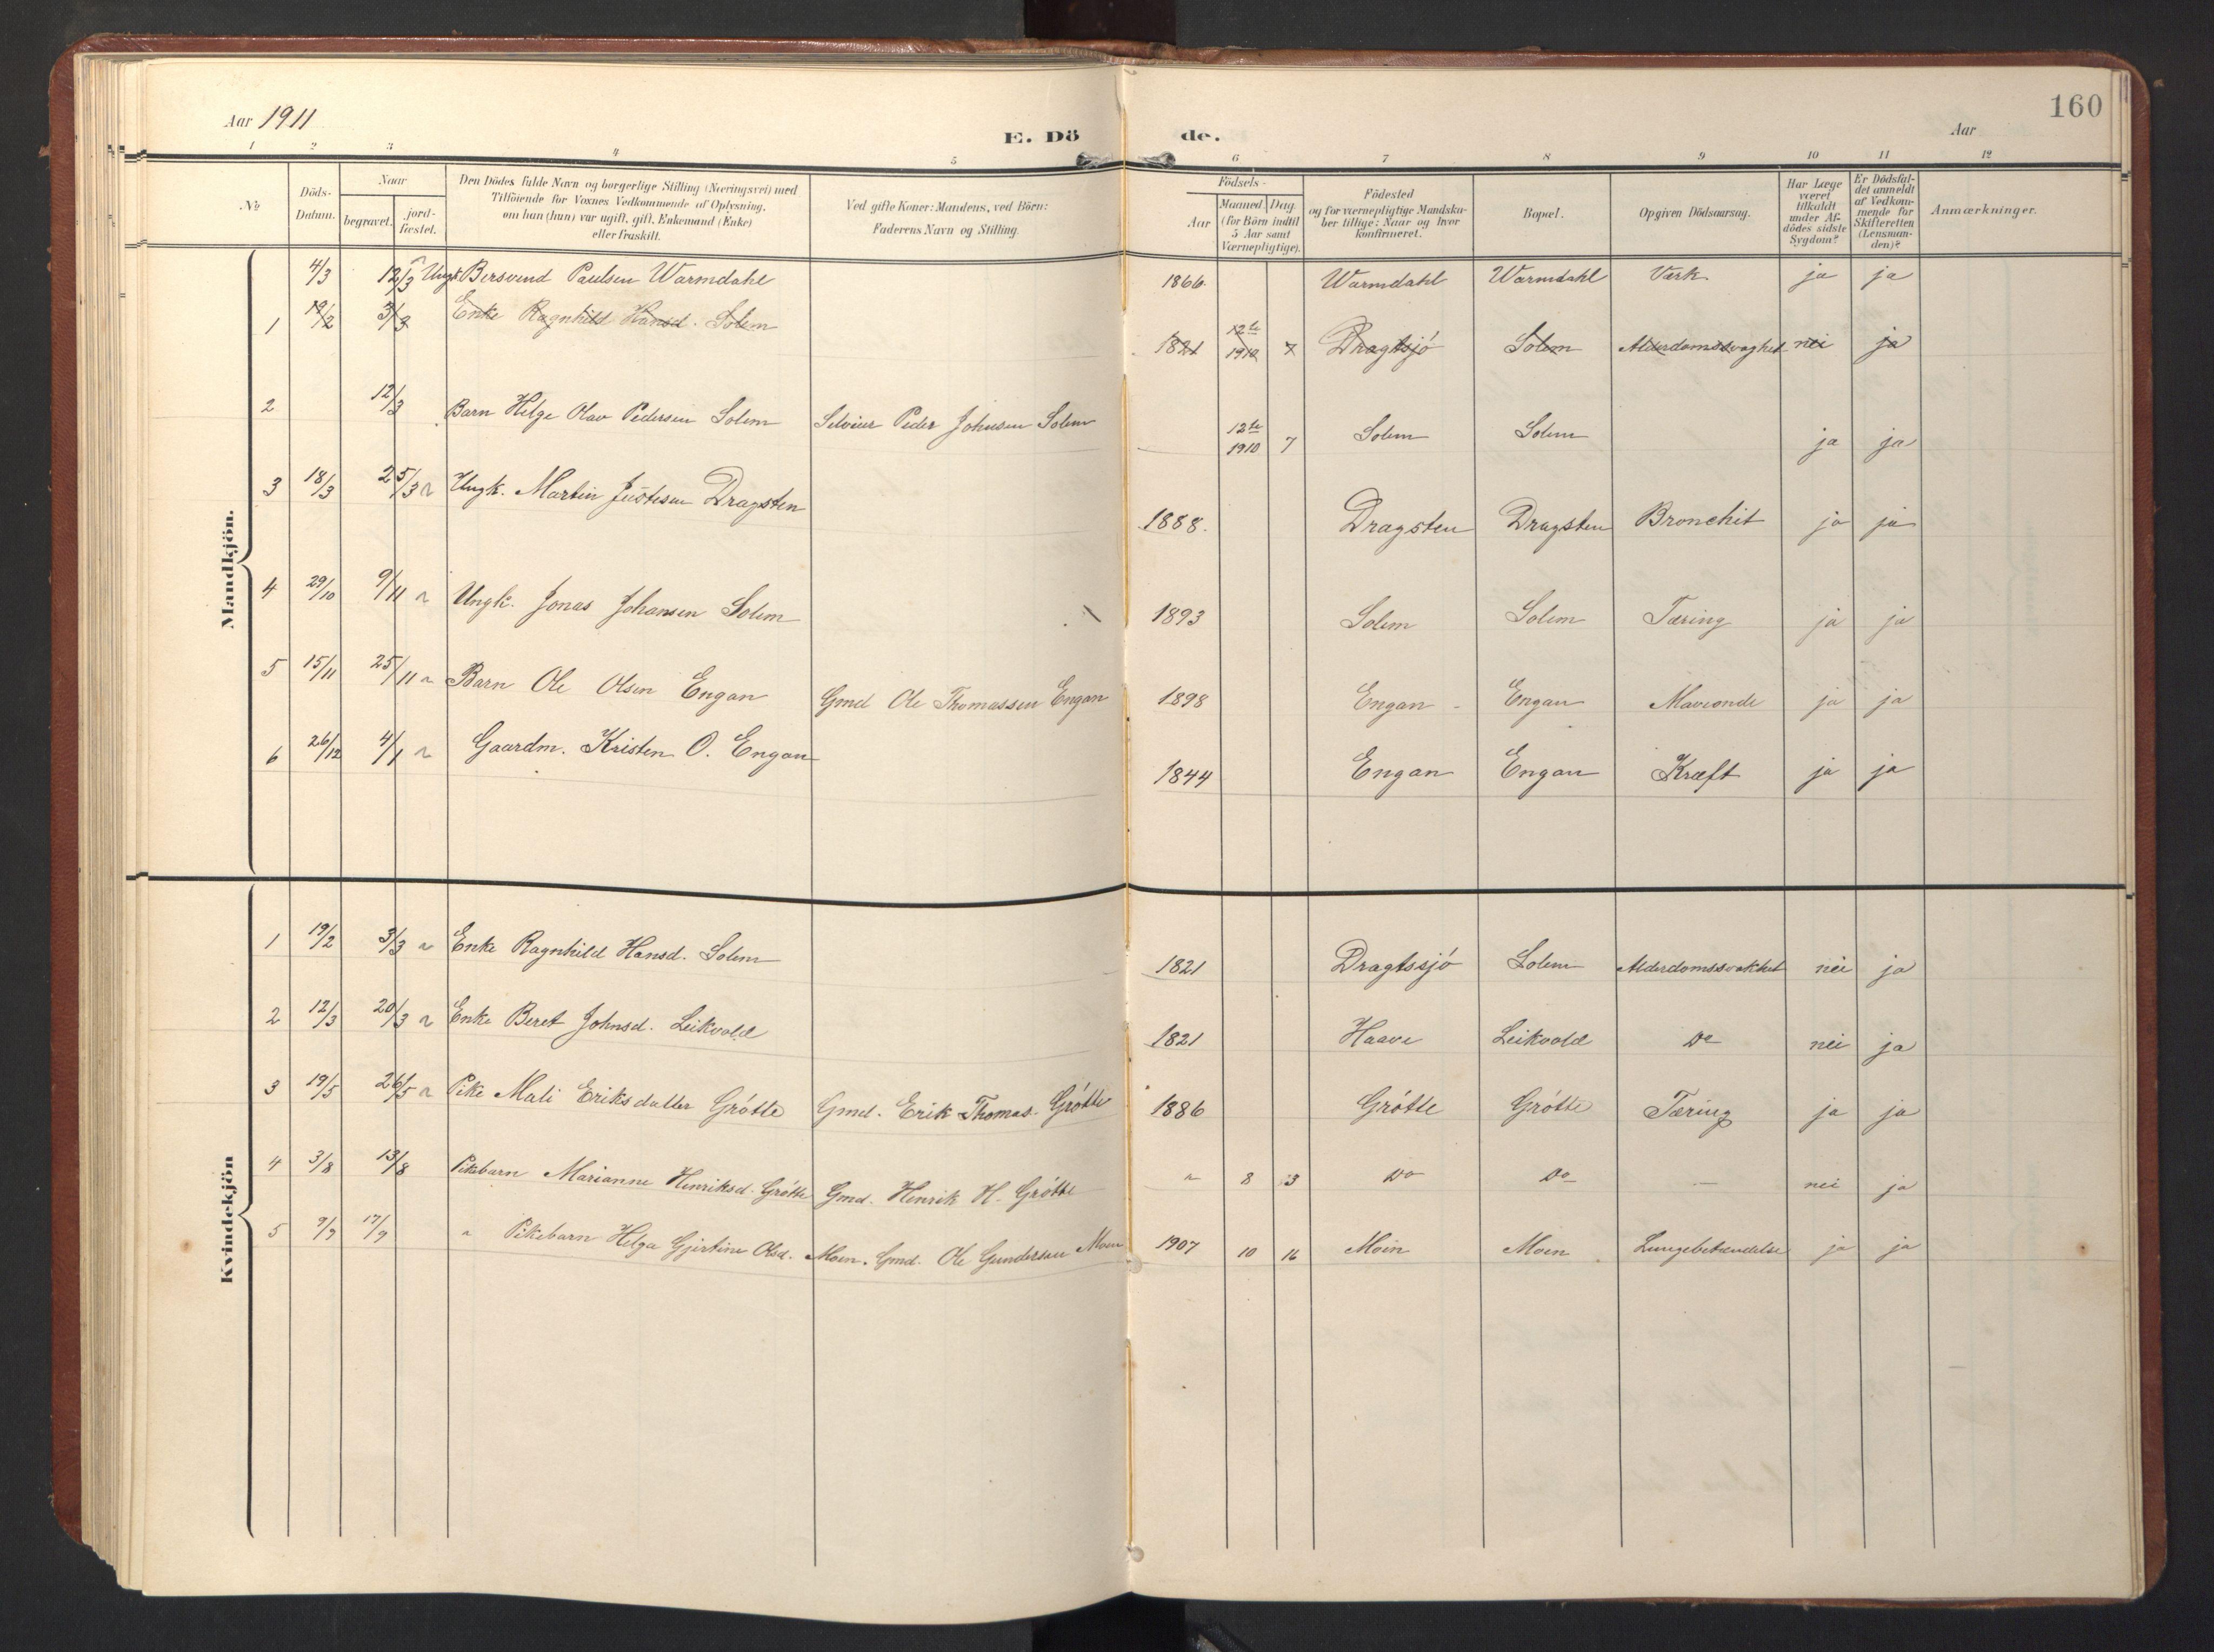 SAT, Ministerialprotokoller, klokkerbøker og fødselsregistre - Sør-Trøndelag, 696/L1161: Klokkerbok nr. 696C01, 1902-1950, s. 160